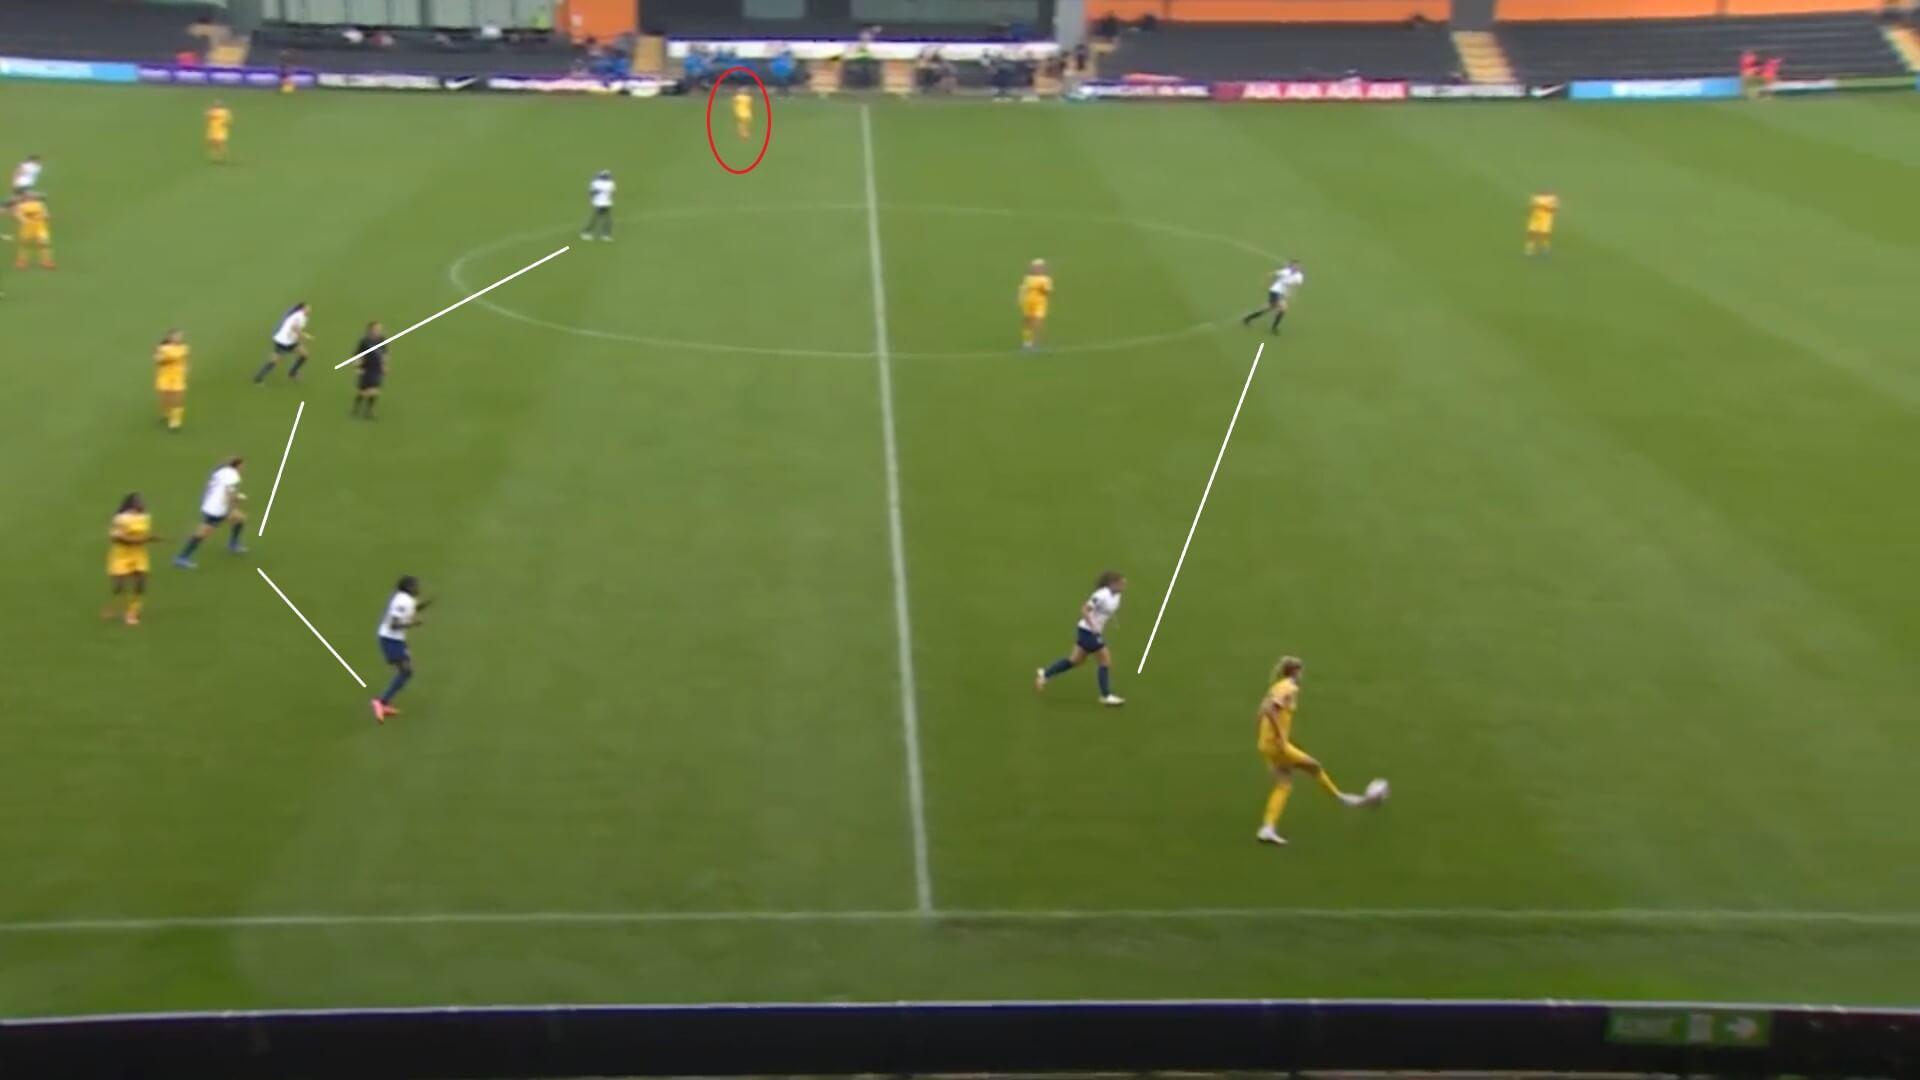 FAWSL 2021/2022: Tottenham Hotspur Women v Reading Women - tactical analysis tactics